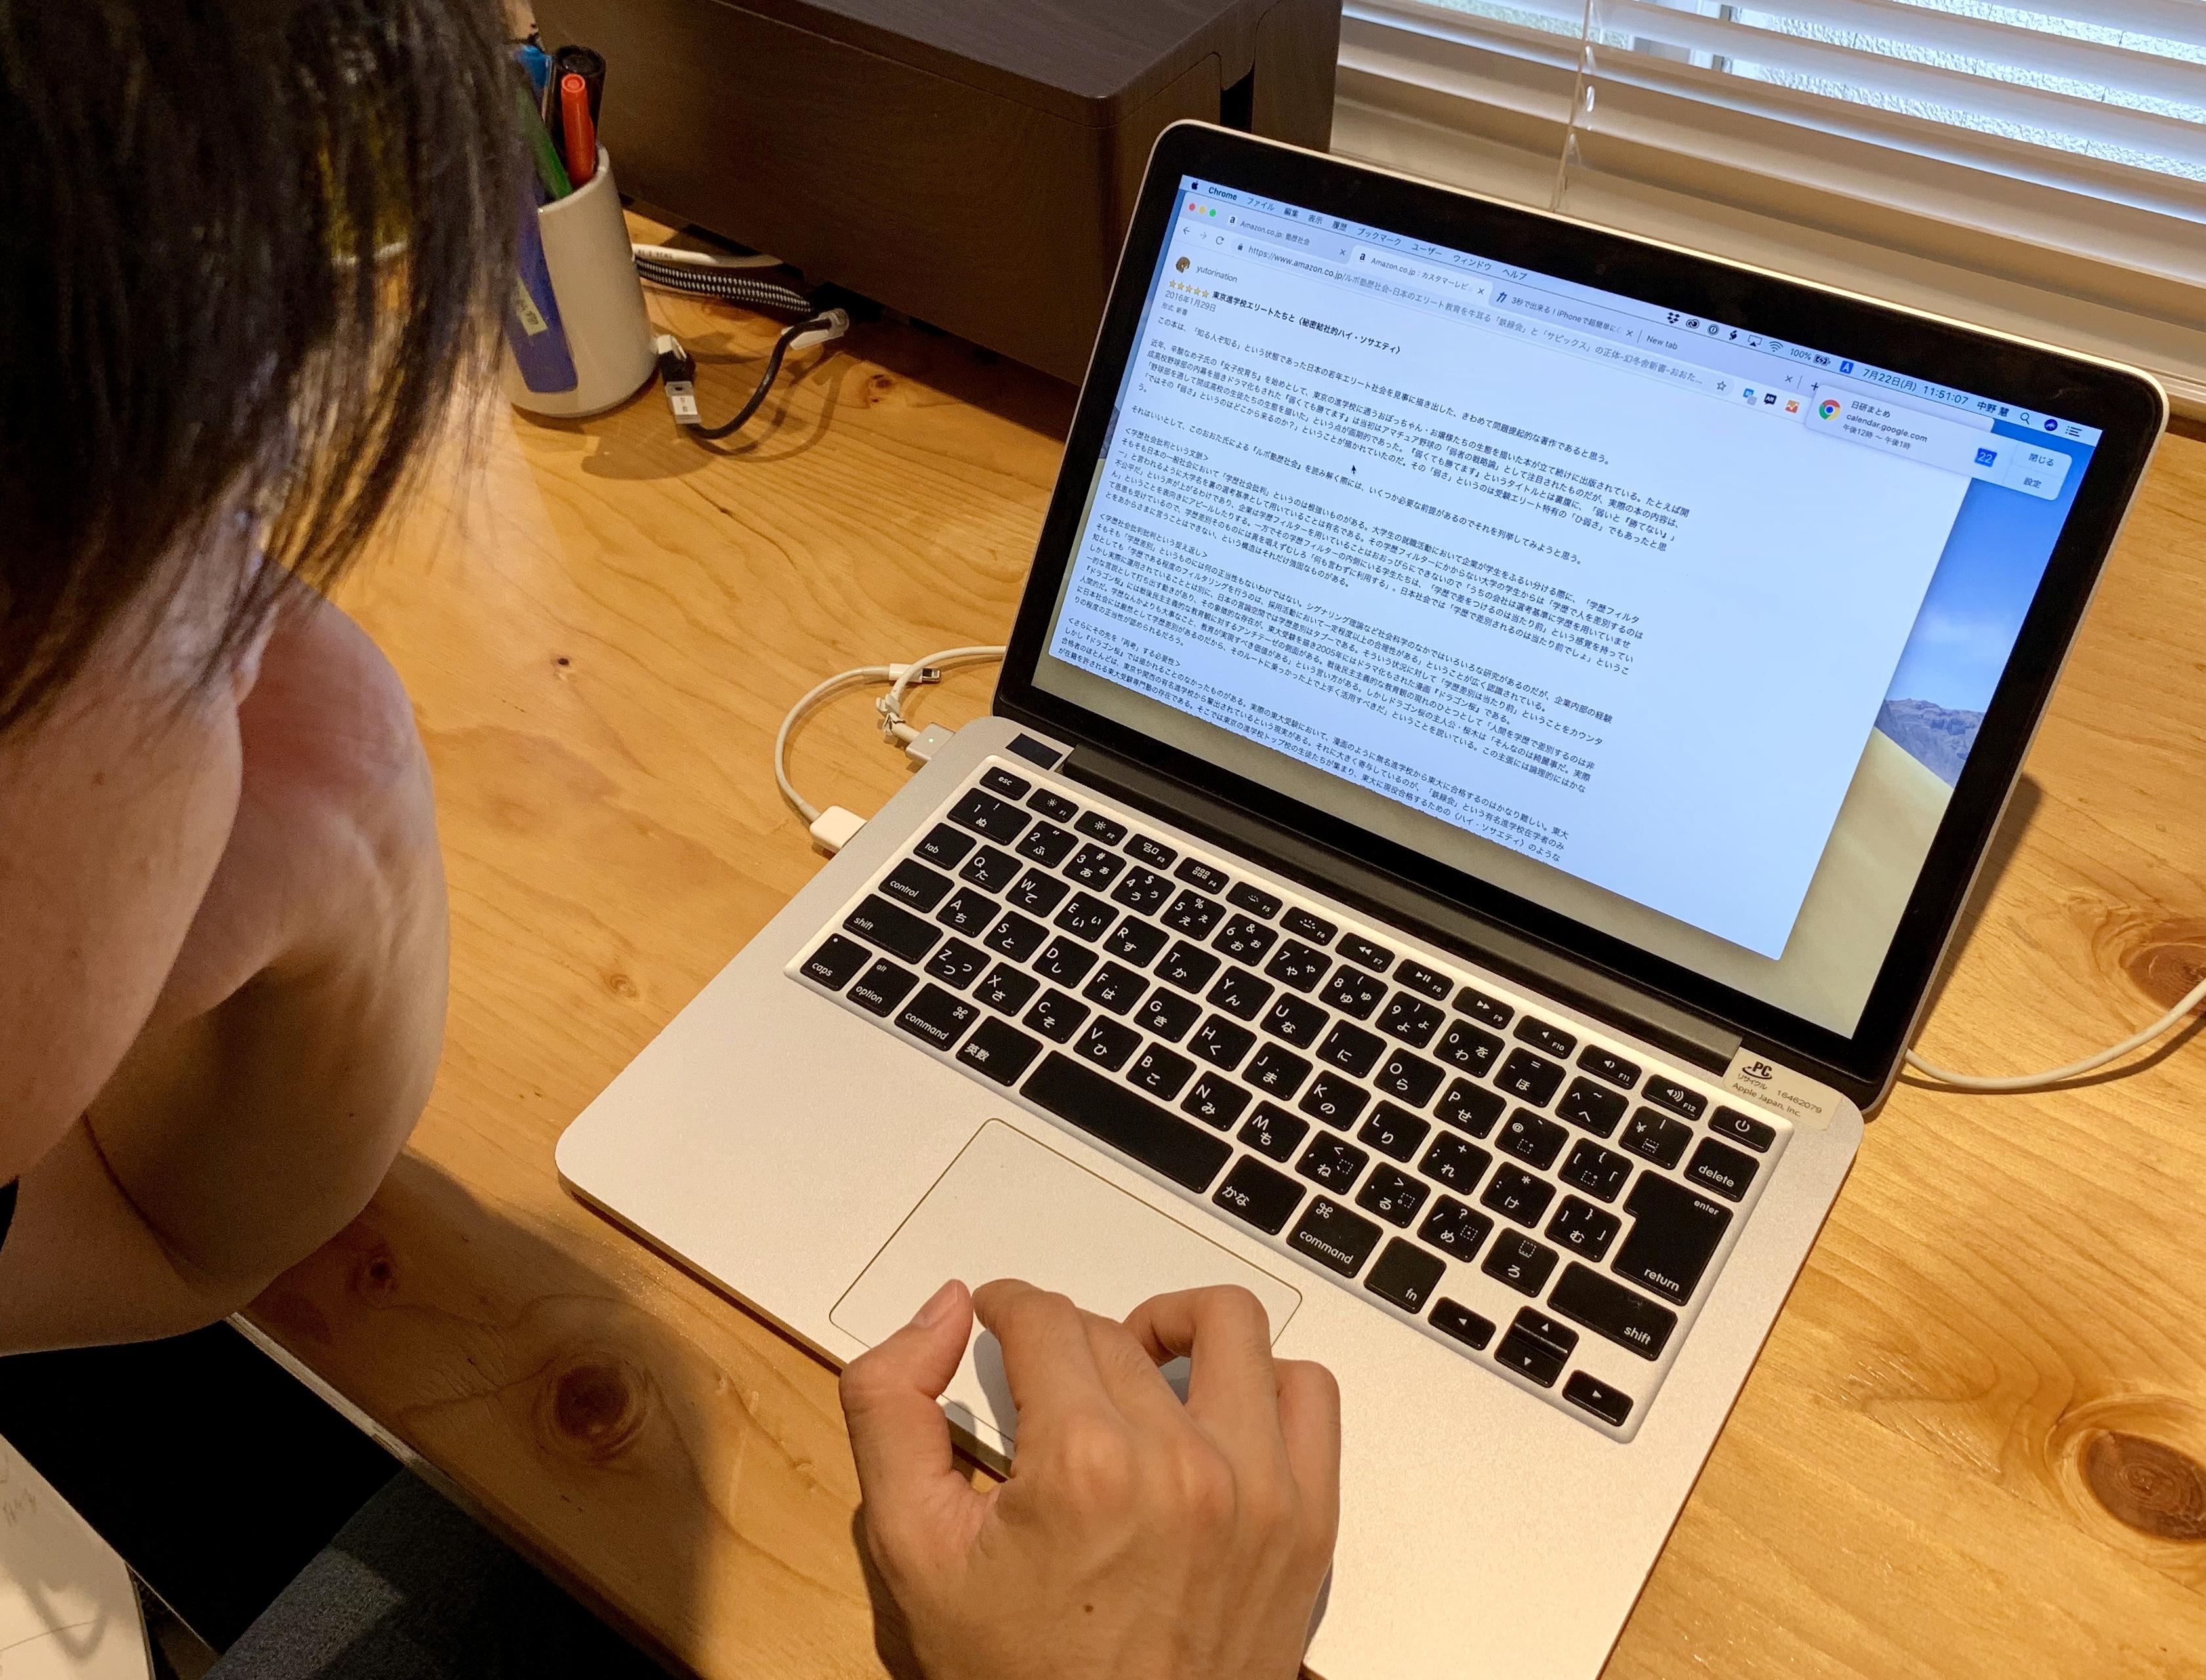 Amaoznレビューを読んでいる写真